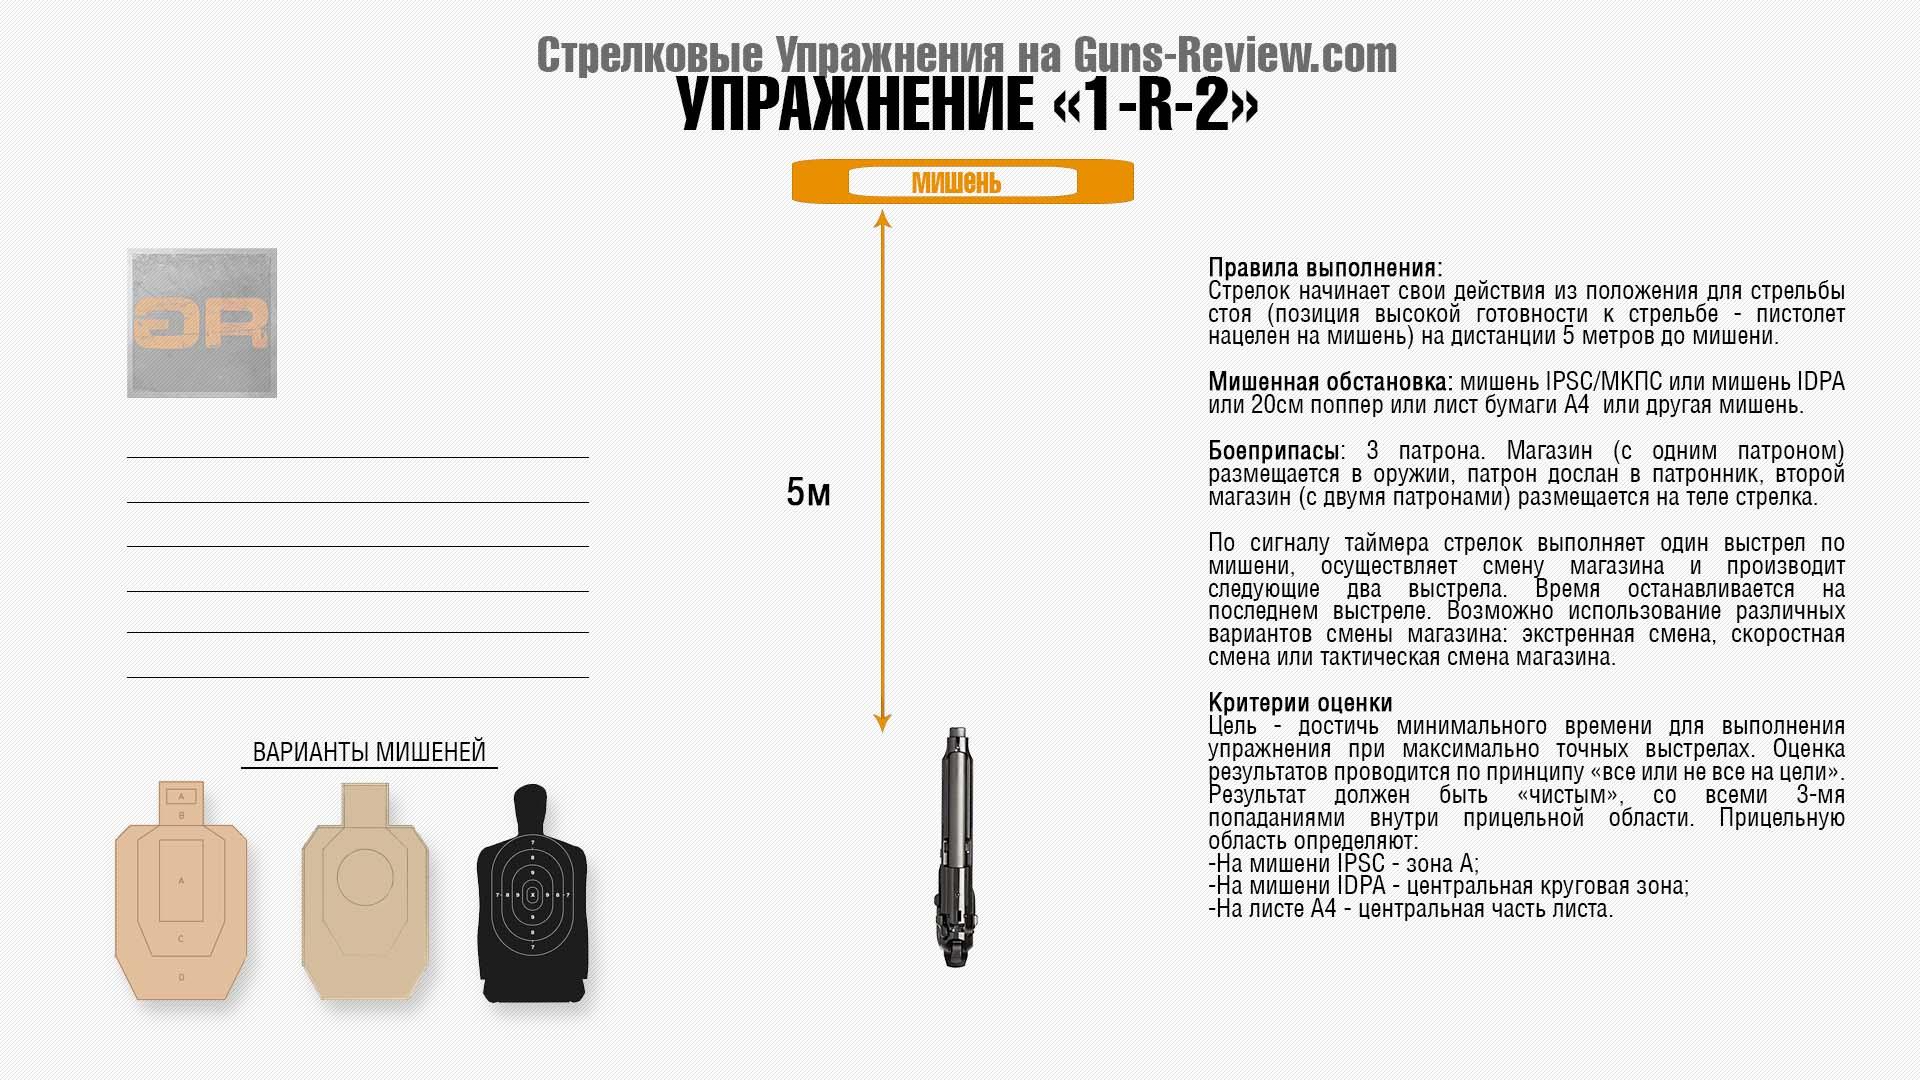 Схема и Правила выполнения стрелкового упражнения с пистолетом 1-R-2